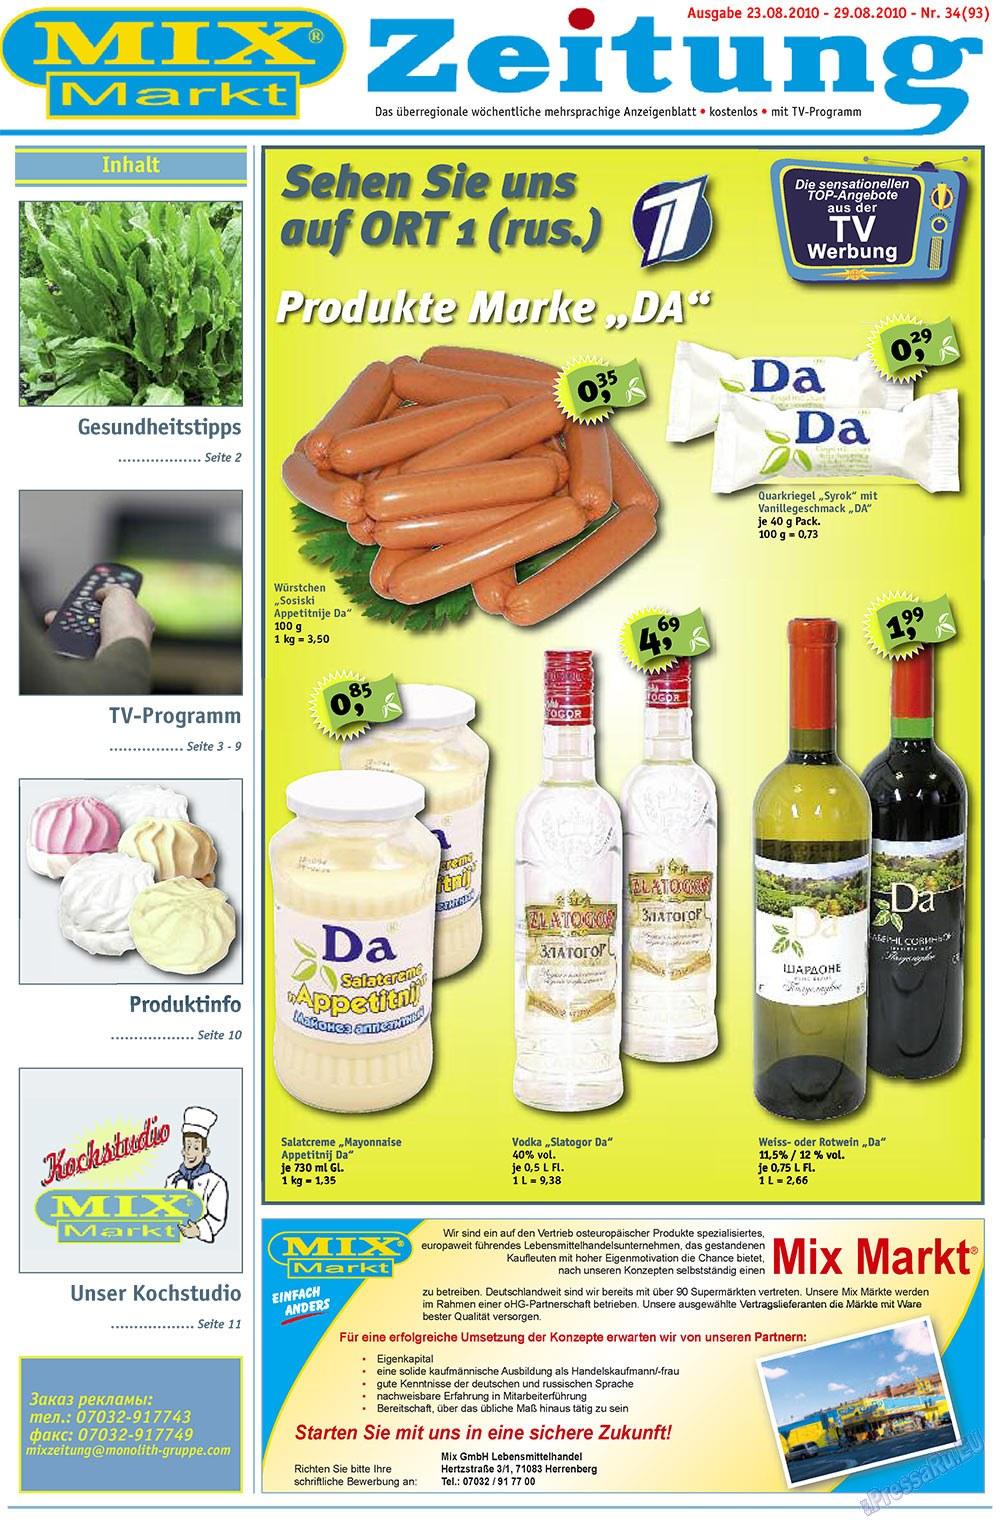 MIX-Markt Zeitung (газета). 2010 год, номер 34, стр. 1